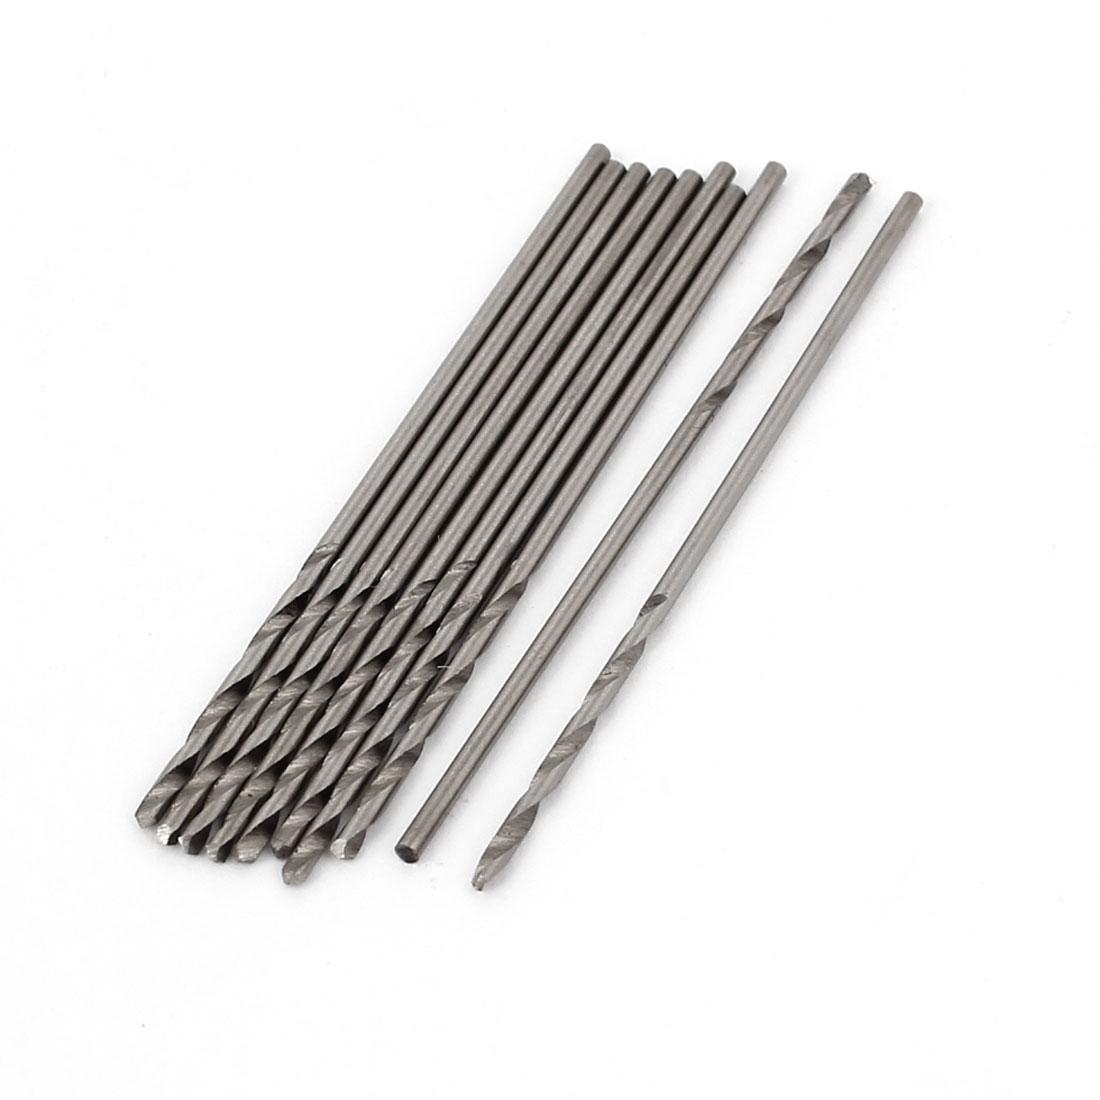 10pcs 1.1mmx18mm High Speed Steel Straight Shank 2 Flutes Twist Drilling Bit